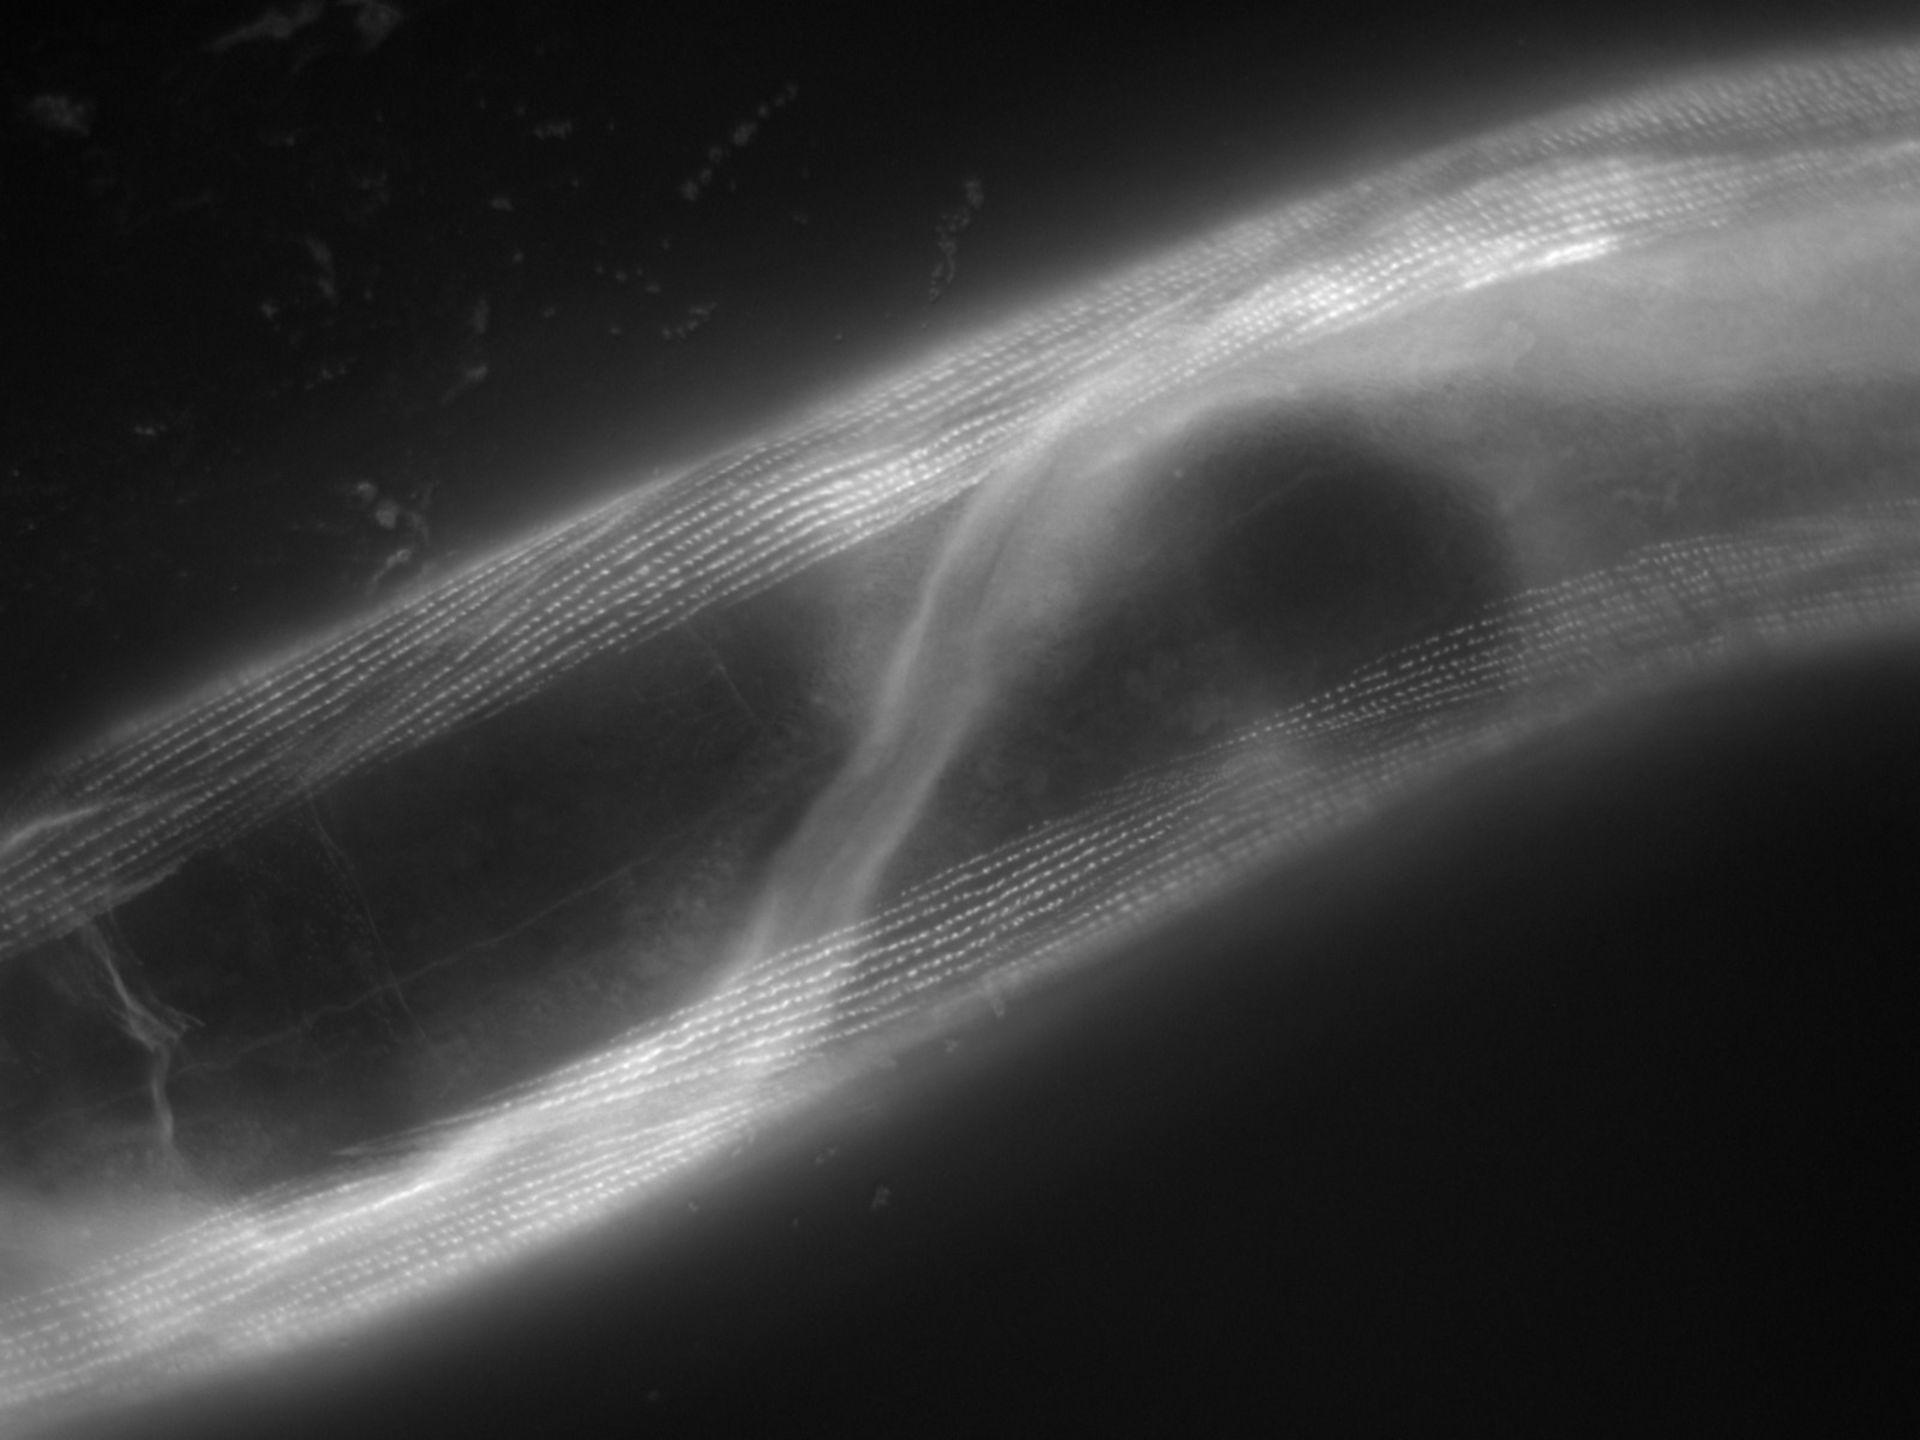 Caenorhabditis elegans (filamento di actina) - CIL:1159